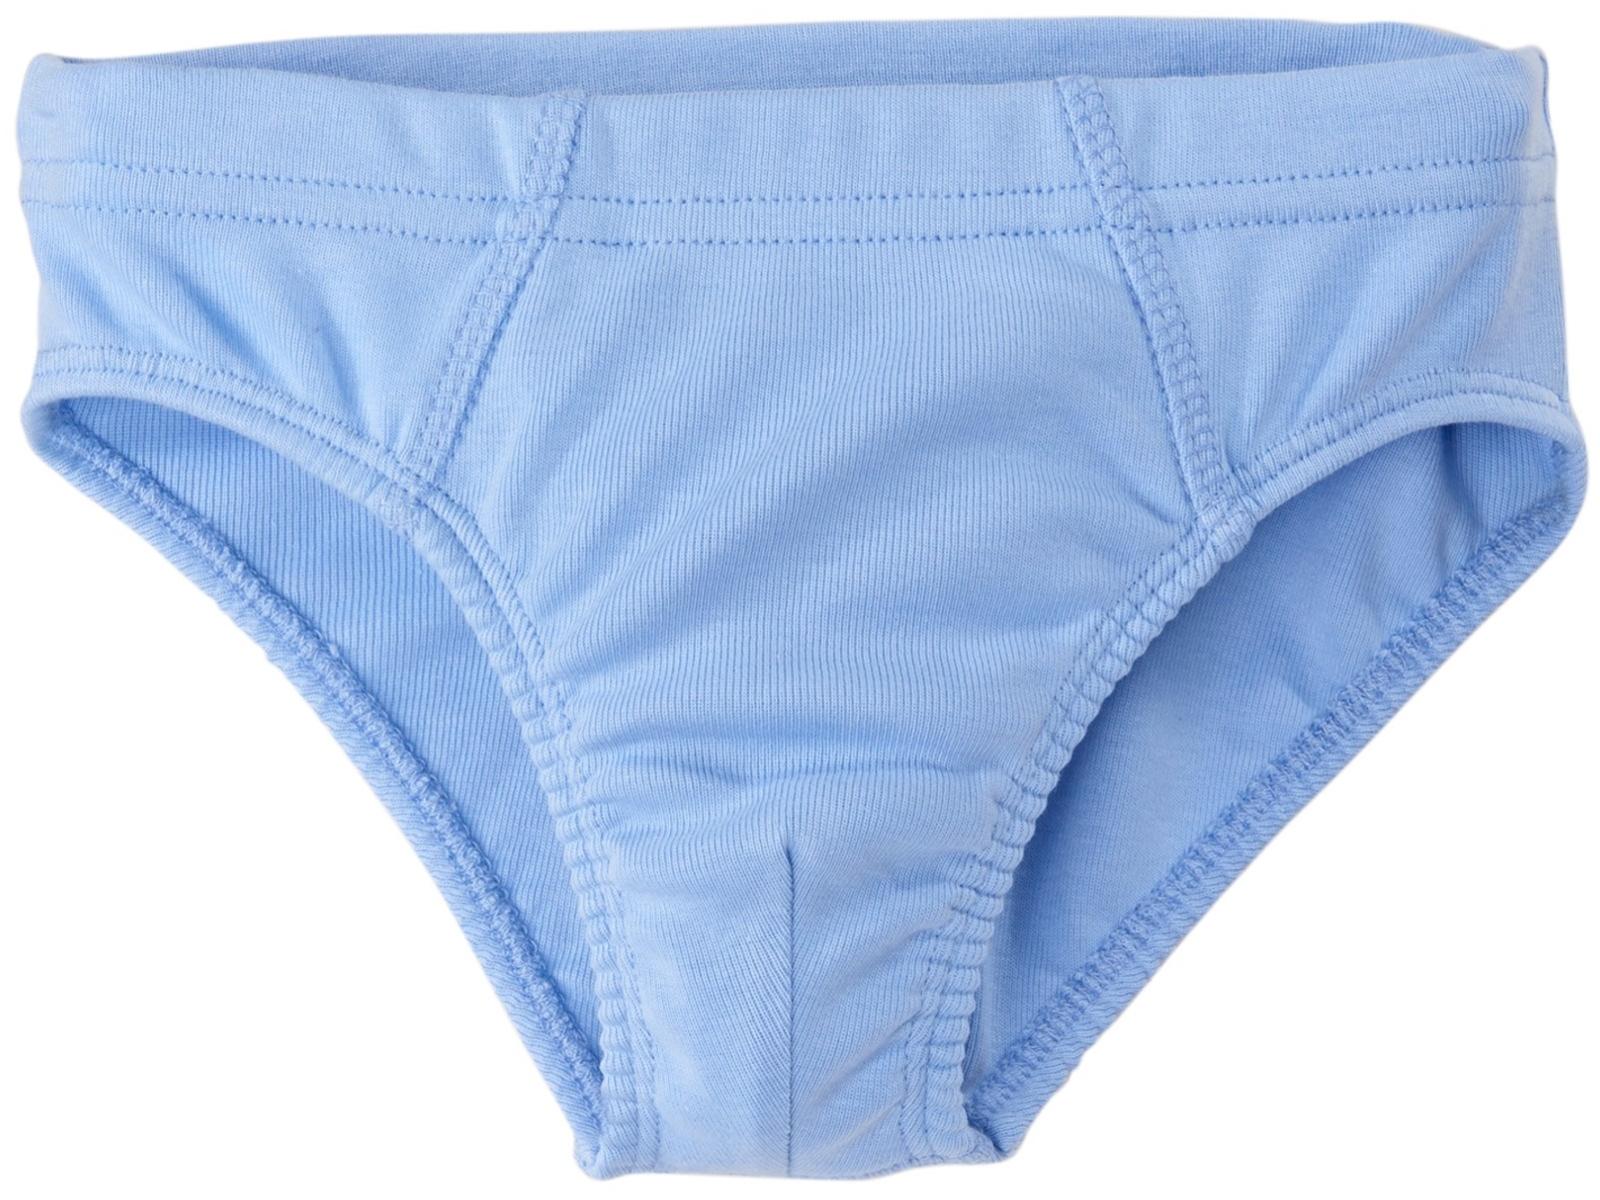 3 St Jungen Baumwoll Unterhosen Slips *NEU*  JB207a